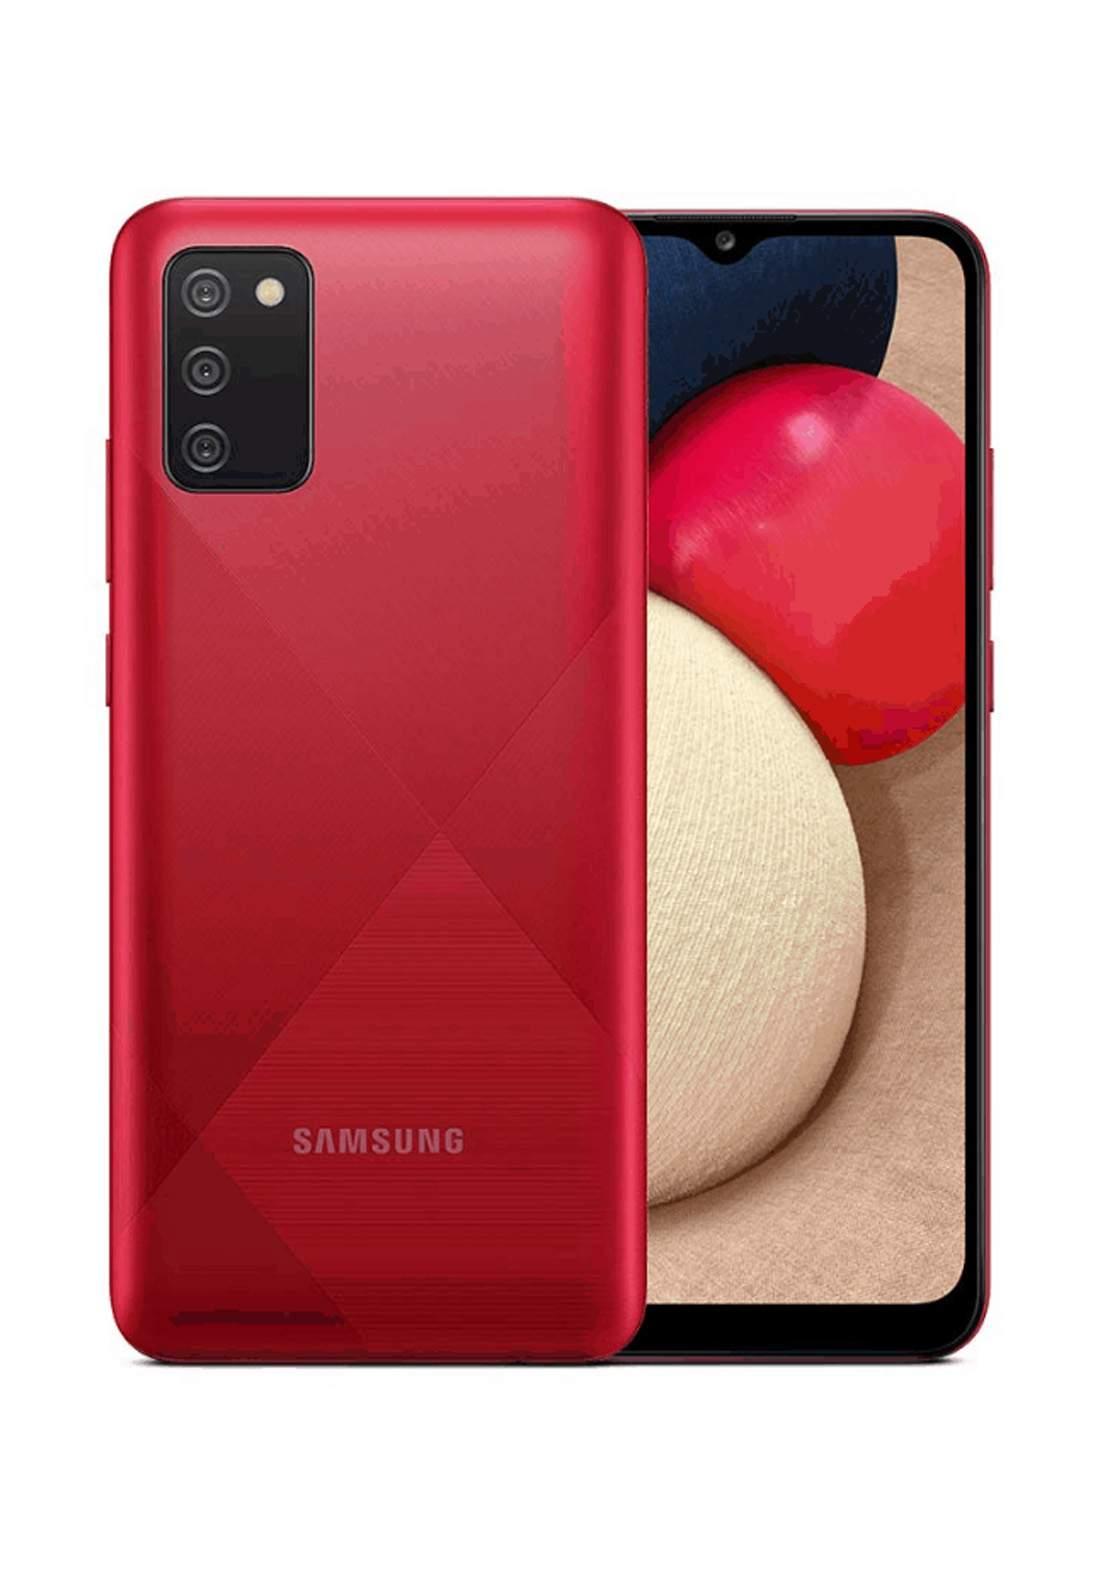 Samsung Galaxy A02s Dual SIM 4 GB RAM 64 GB - Red